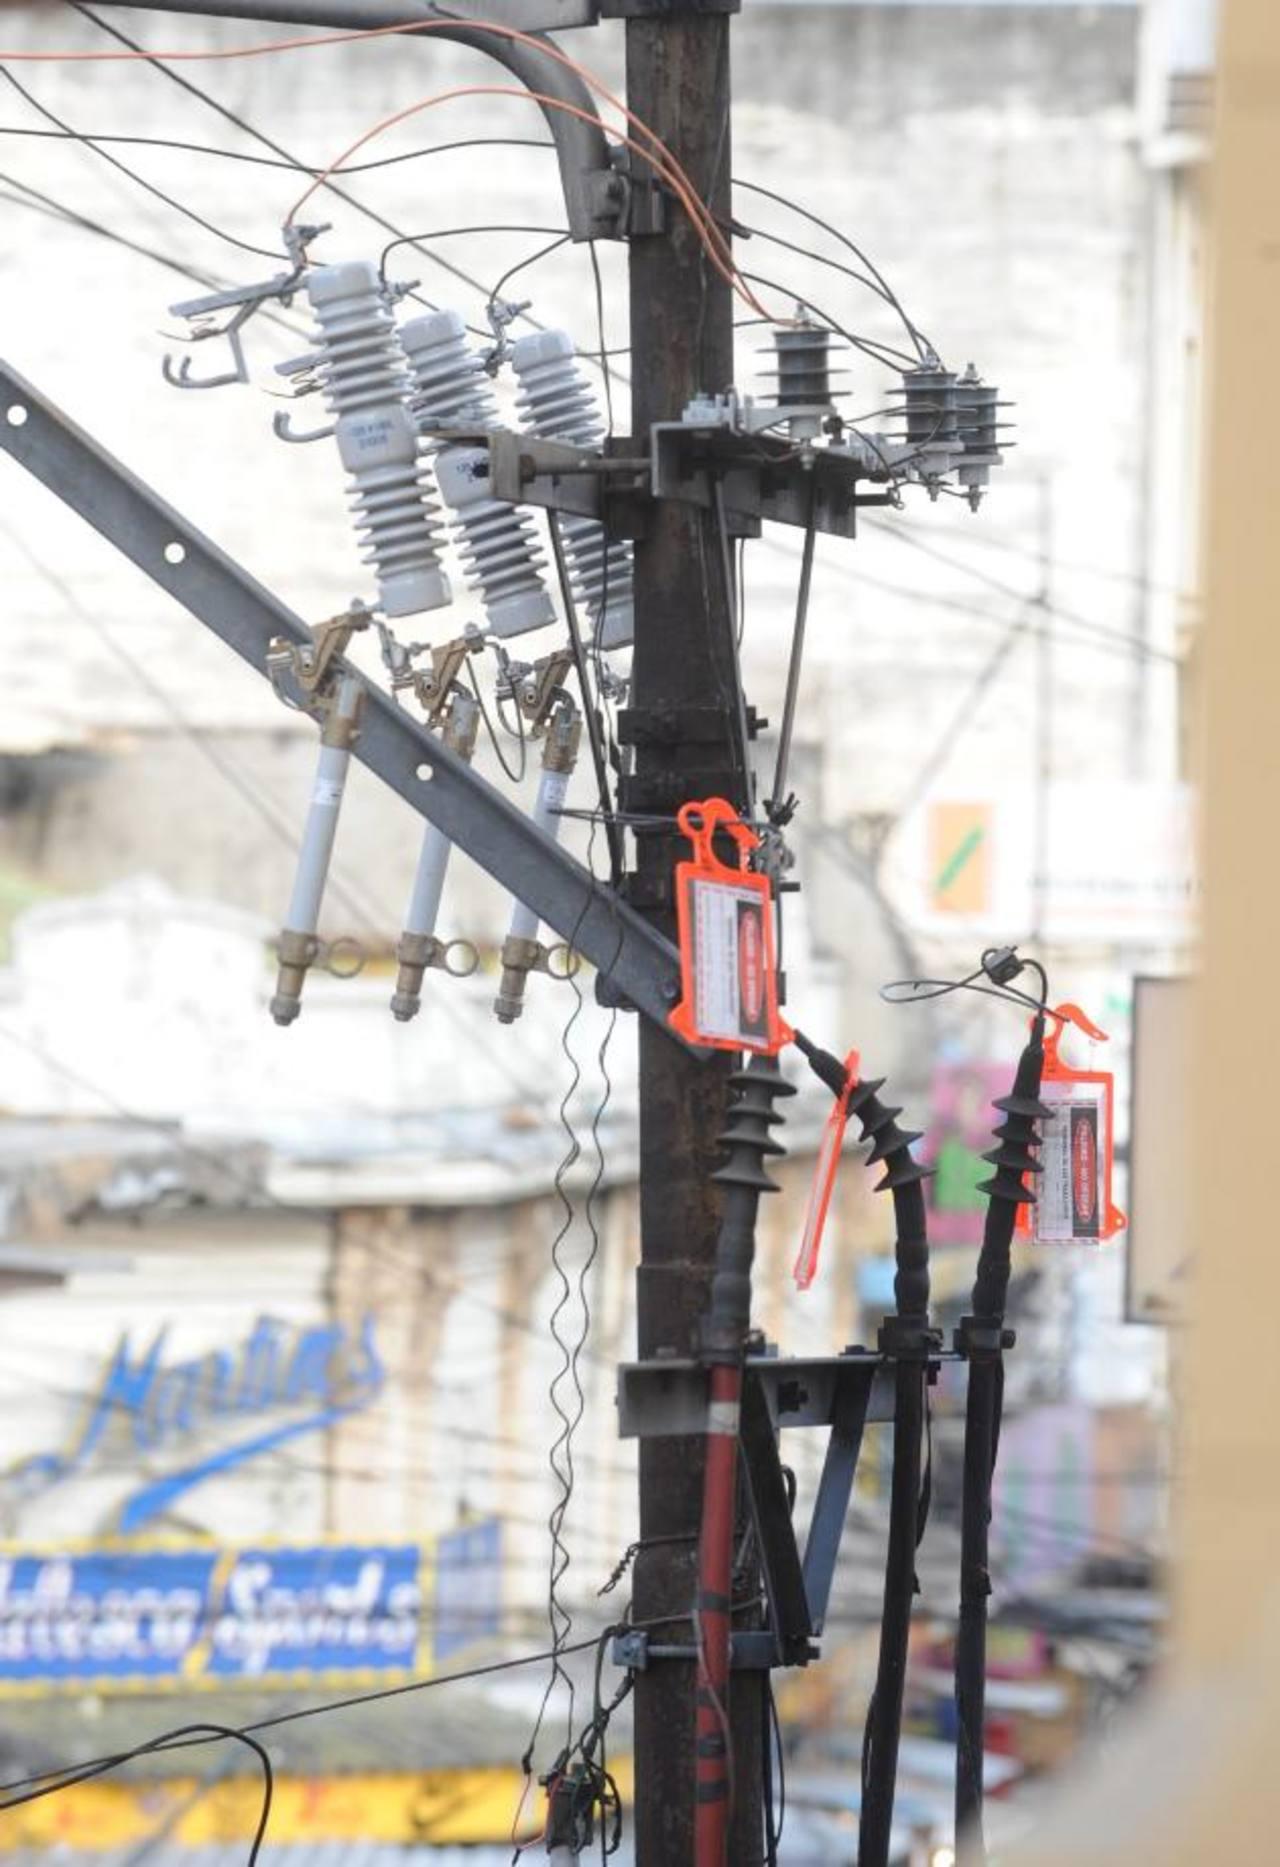 Muchos vendedores informales se conectan a la red pública ilegalmente.